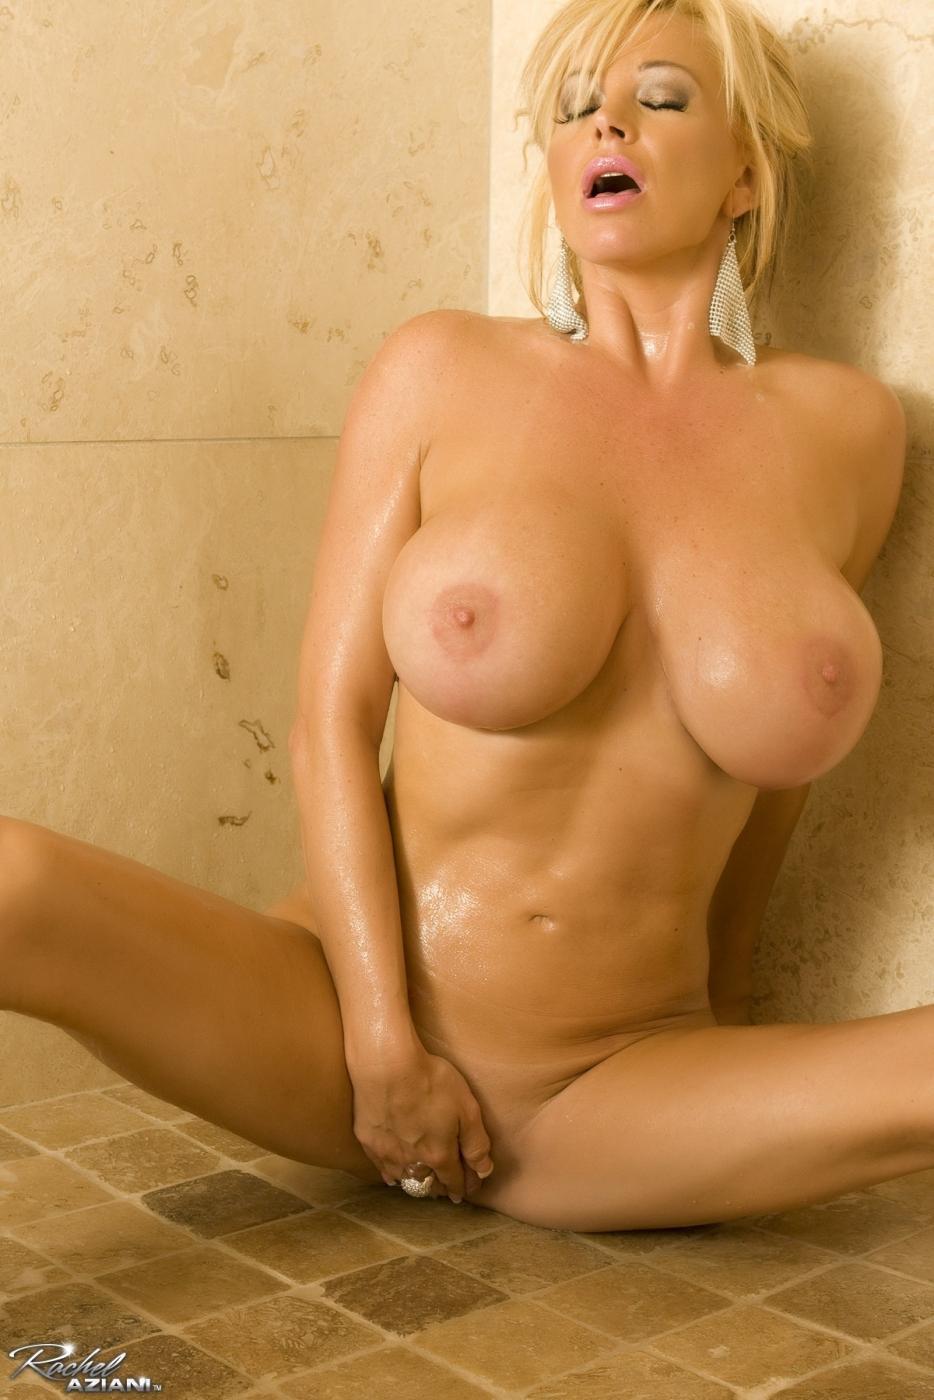 Идеальная блондинка Rachel Aziani моет свою невероятную грудь и трахается с самотыком